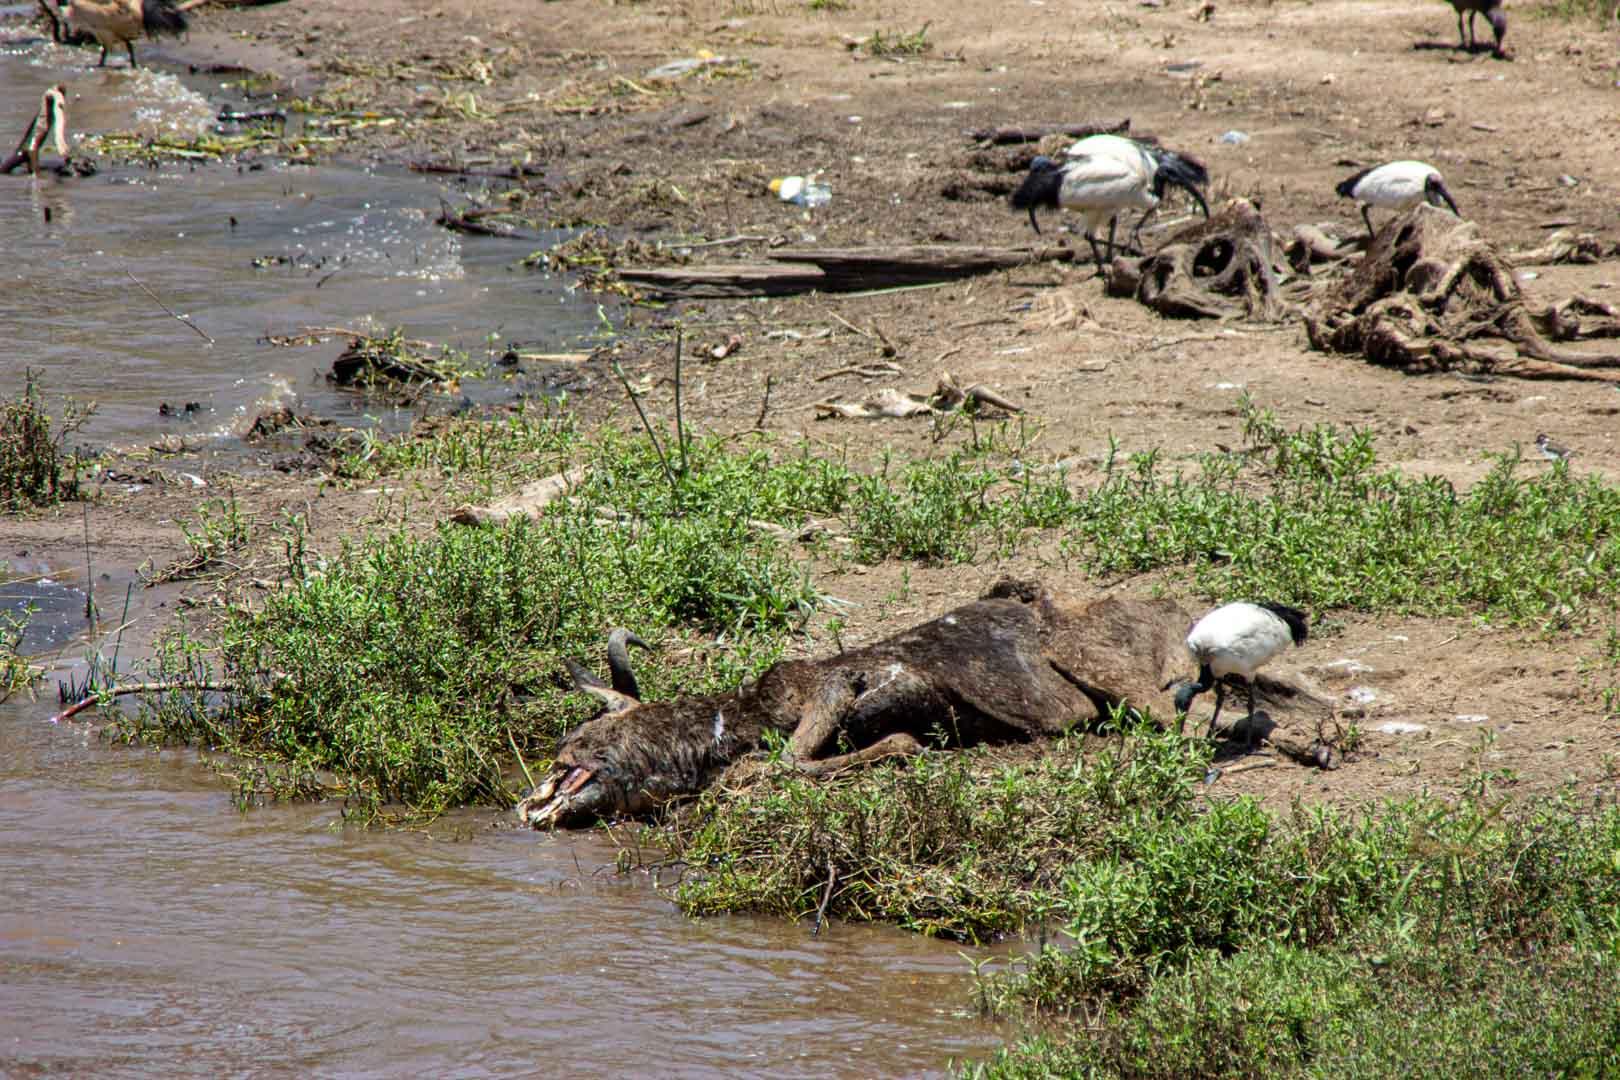 Animales muertos tras la gran migración en el río Mara, Masai Mara, Kenia